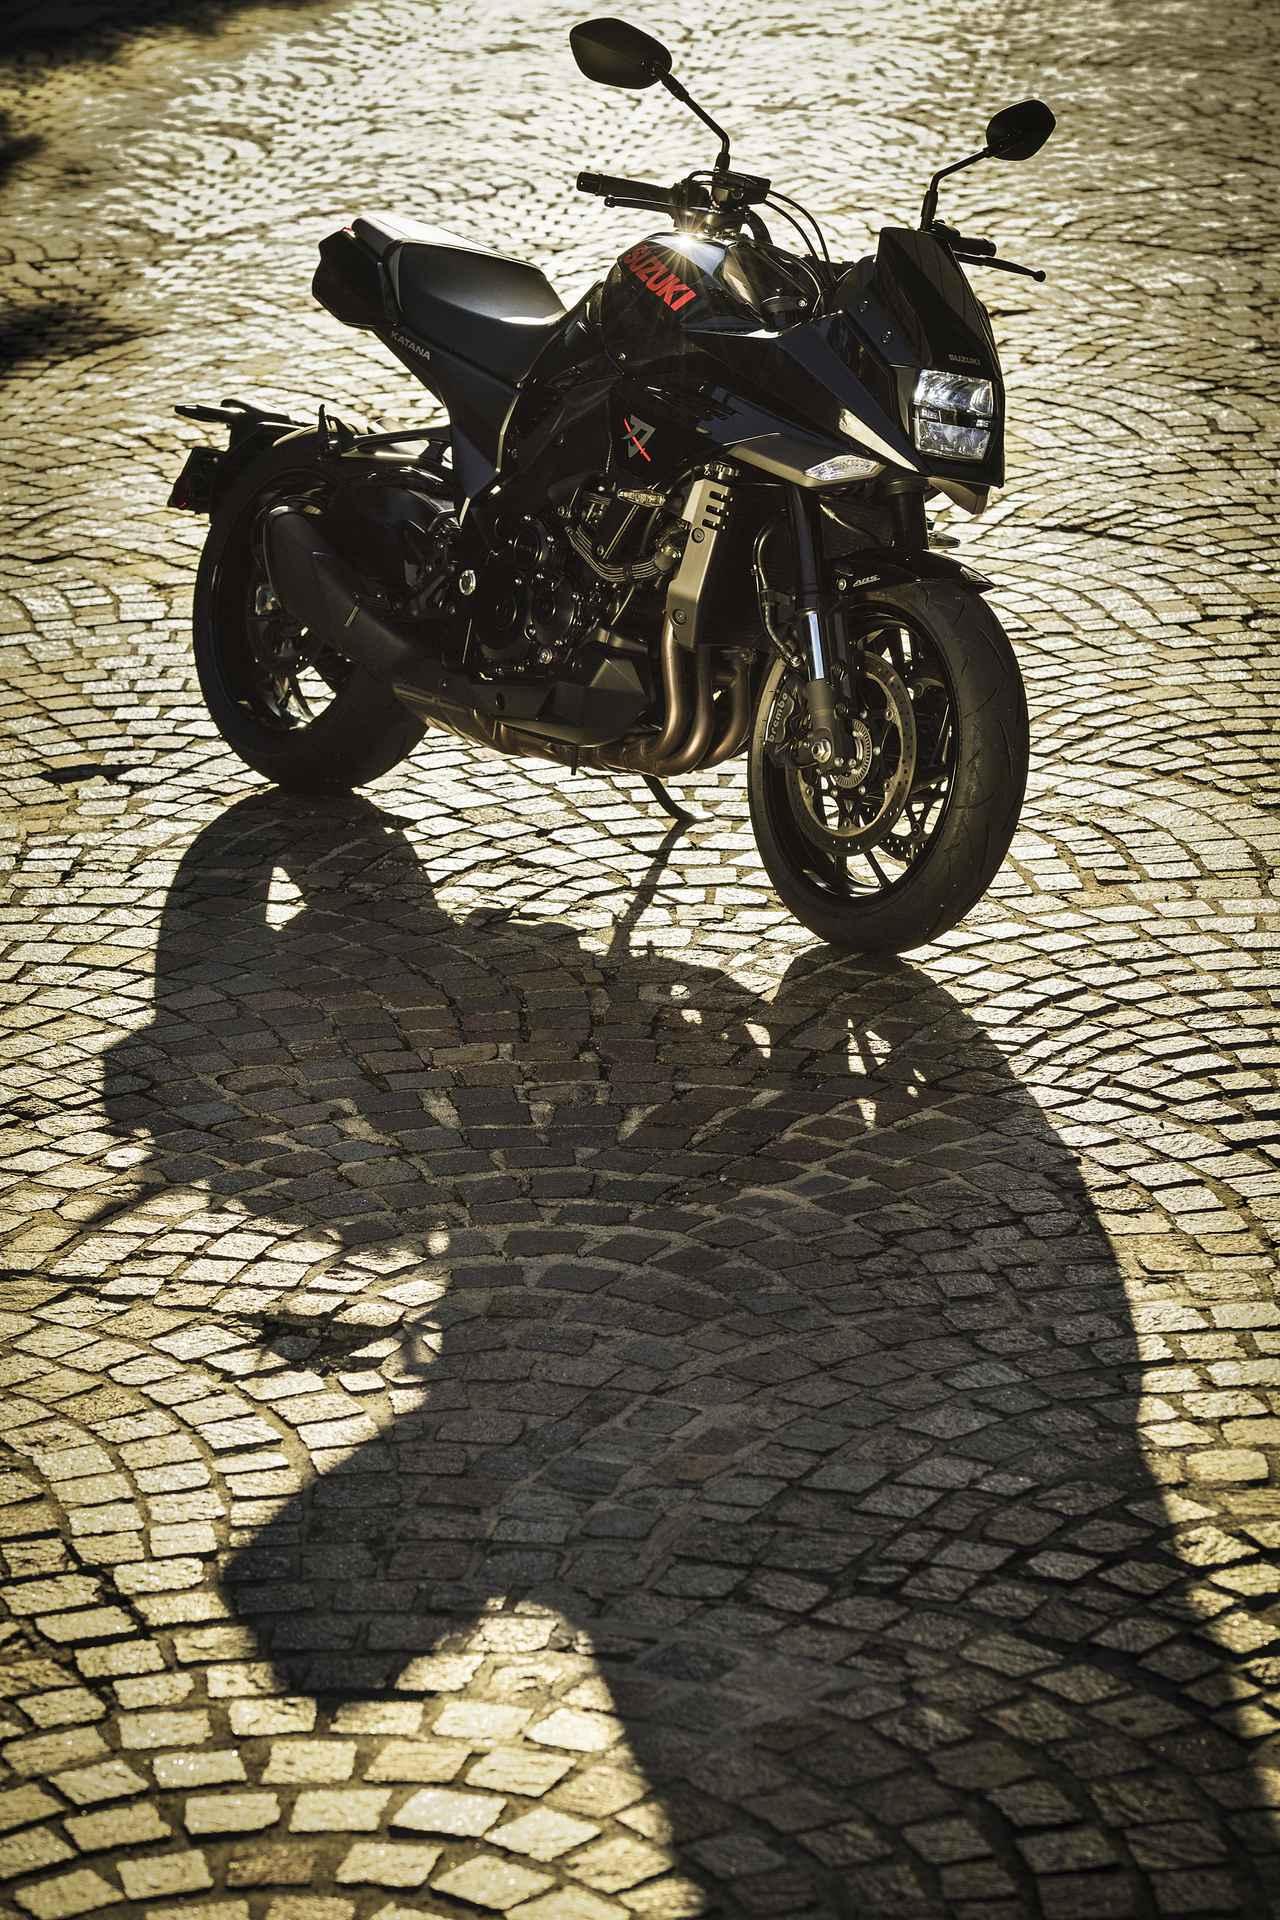 画像: 女子の本音に衝撃!? 大型バイクでタンデムするなら、ある意味スズキ『カタナ』が最もおすすめかもしれません……【SUZUKI KATANA/タンデムインプレ 後編】